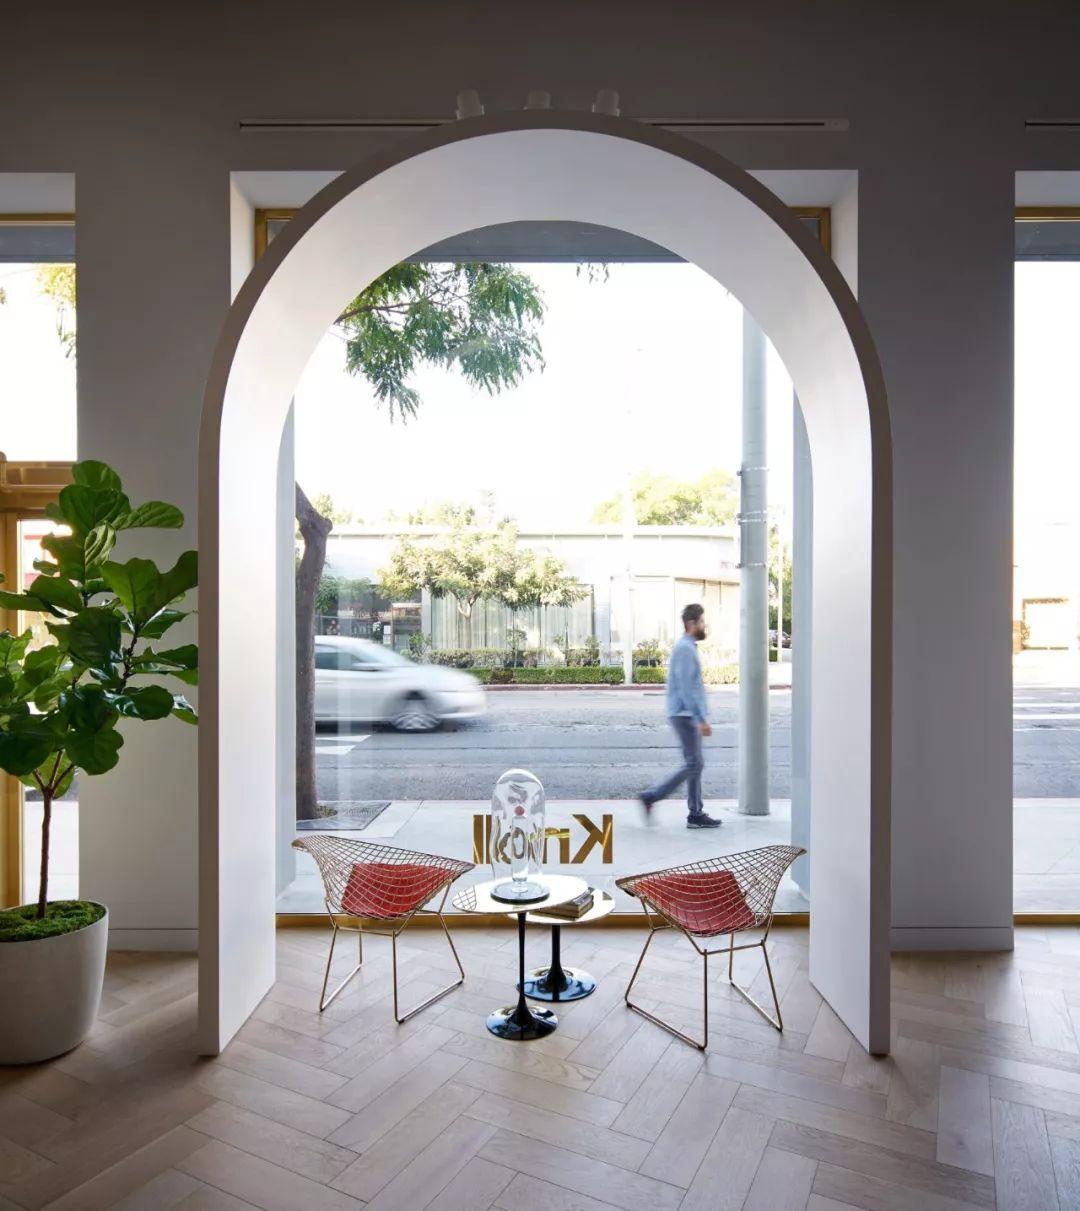 宝亿莱软装套餐家具店的设计:就是要让顾客在商店里拥有家的感觉!